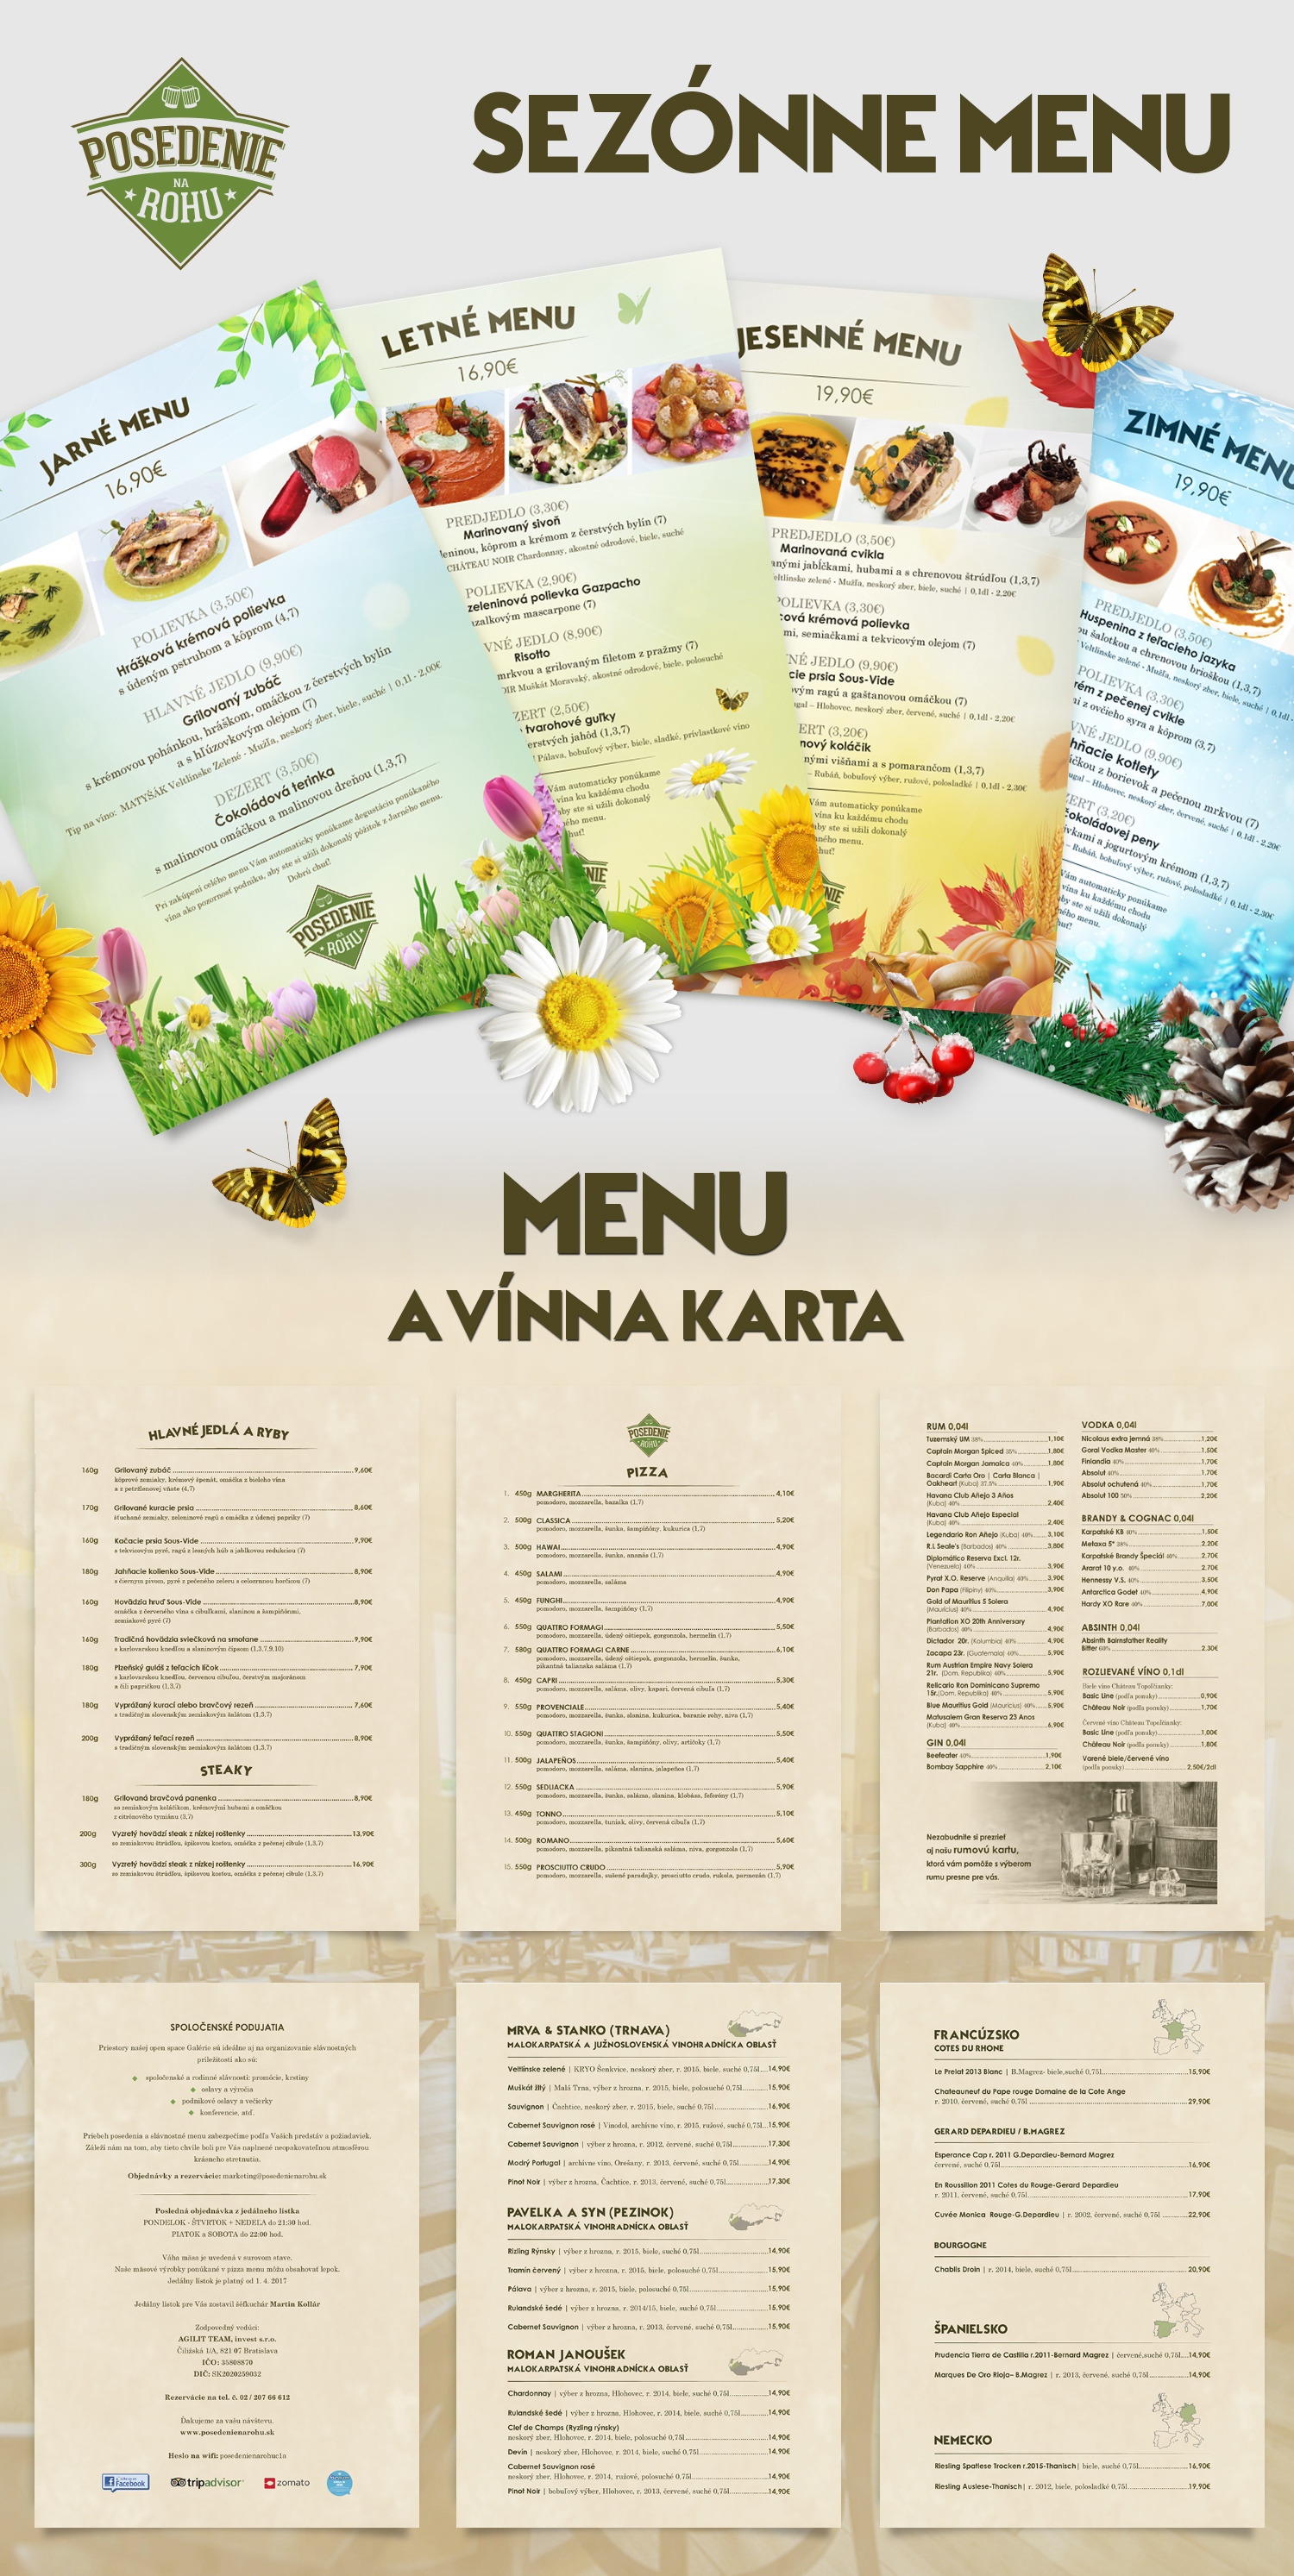 restauracia Posedenie na rohu graficky navrh menu a promo materialov